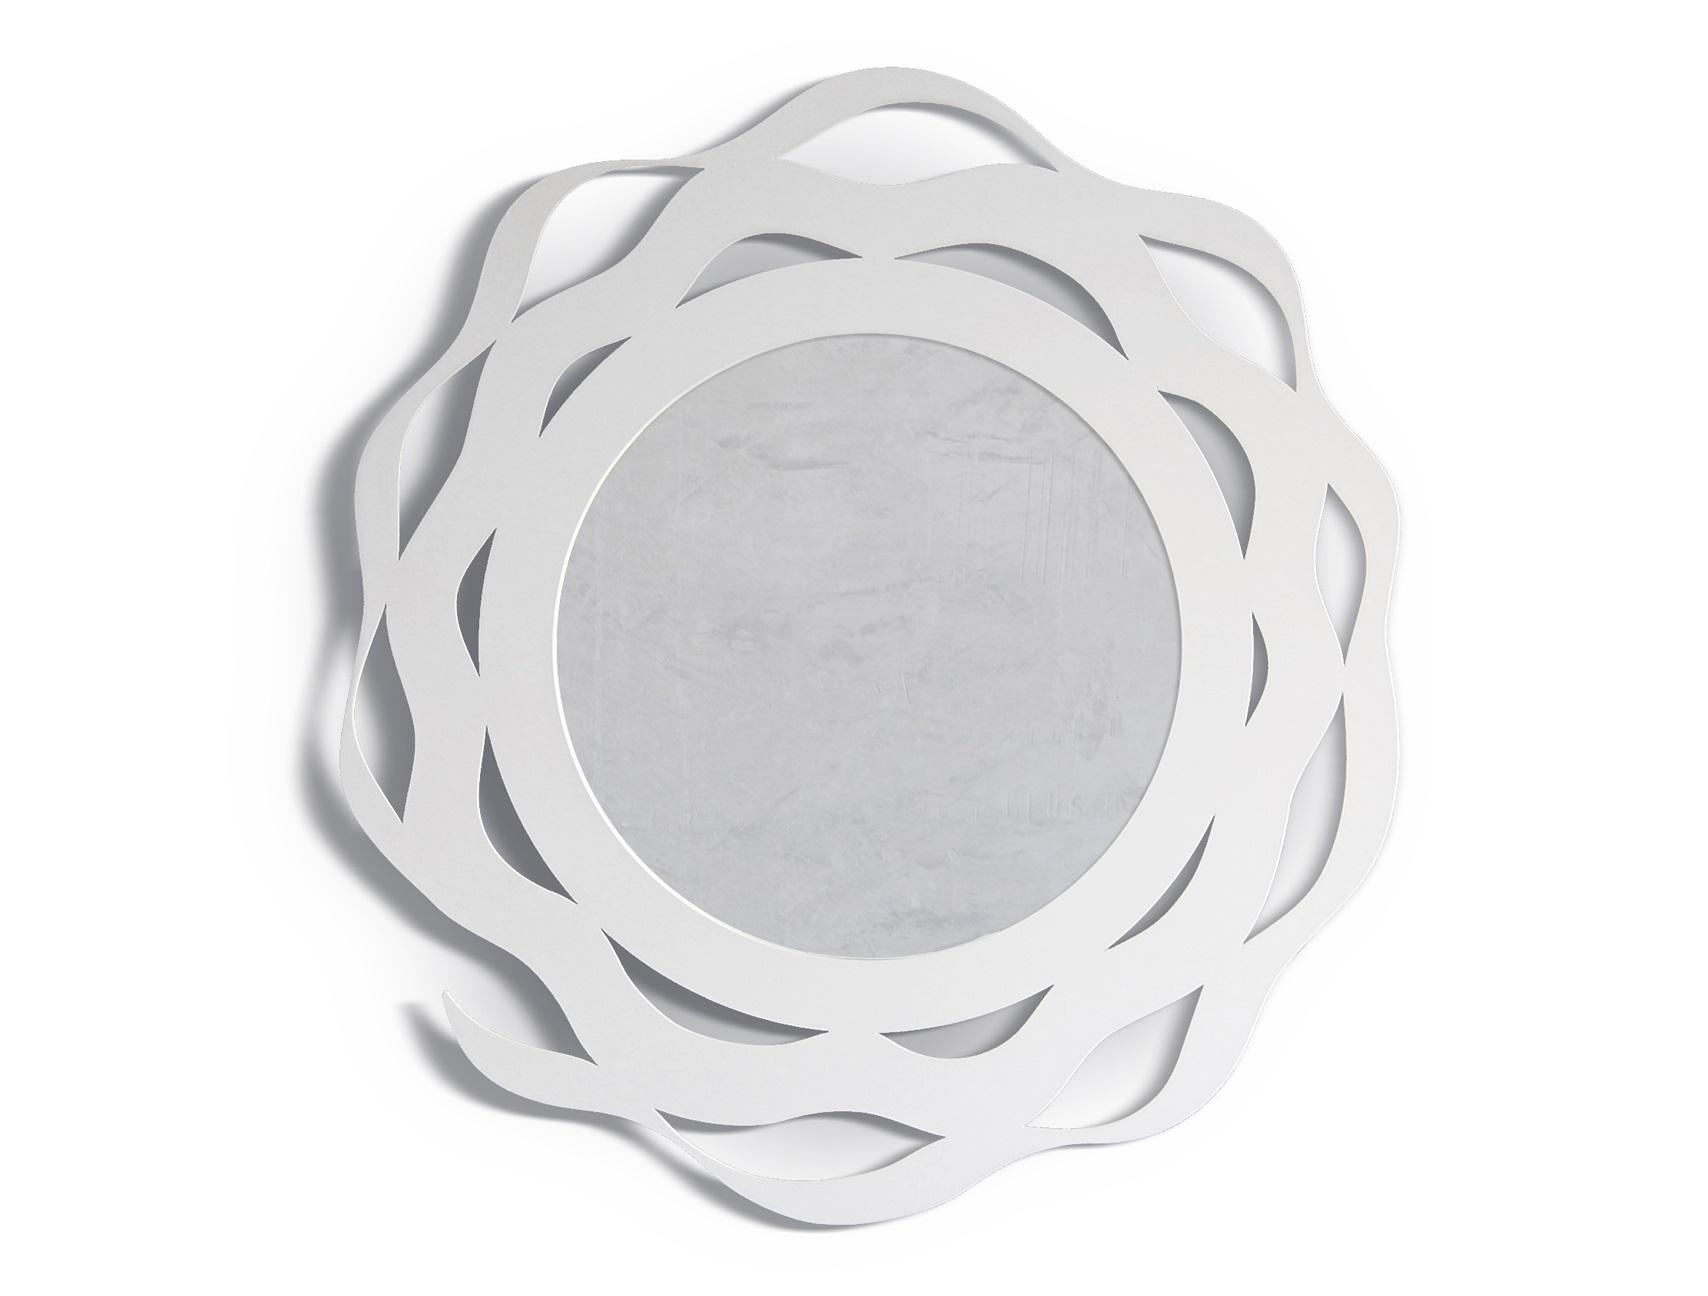 Зеркало SplashНастенные зеркала<br>Зеркало SPLASH отличается уникальным, <br>минималистическим дизайном. Такой предмет интерьера станет стильной <br>деталью в интерьере гастиной или спальни.<br><br>Material: Сталь<br>Глубина см: 1.0